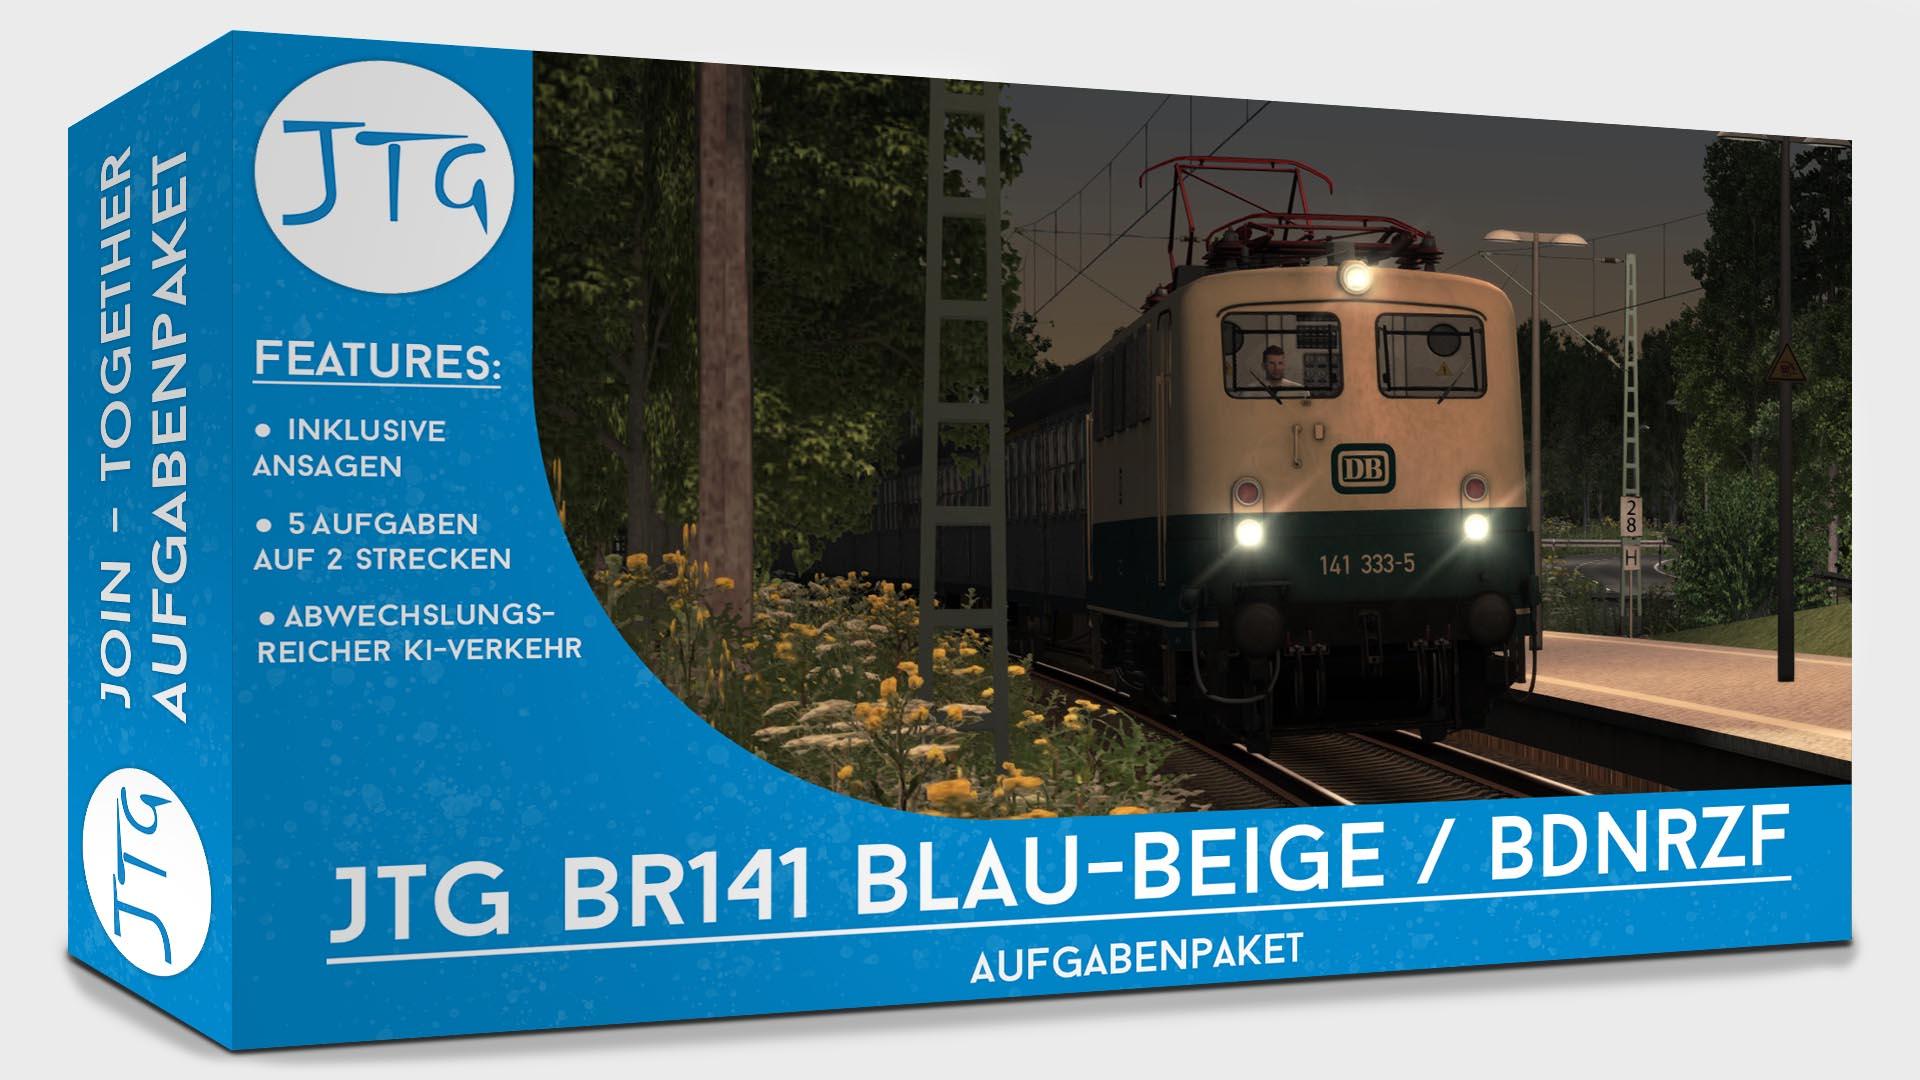 JTG BR141 Blau-Beige/BDnrzf Scenario Package